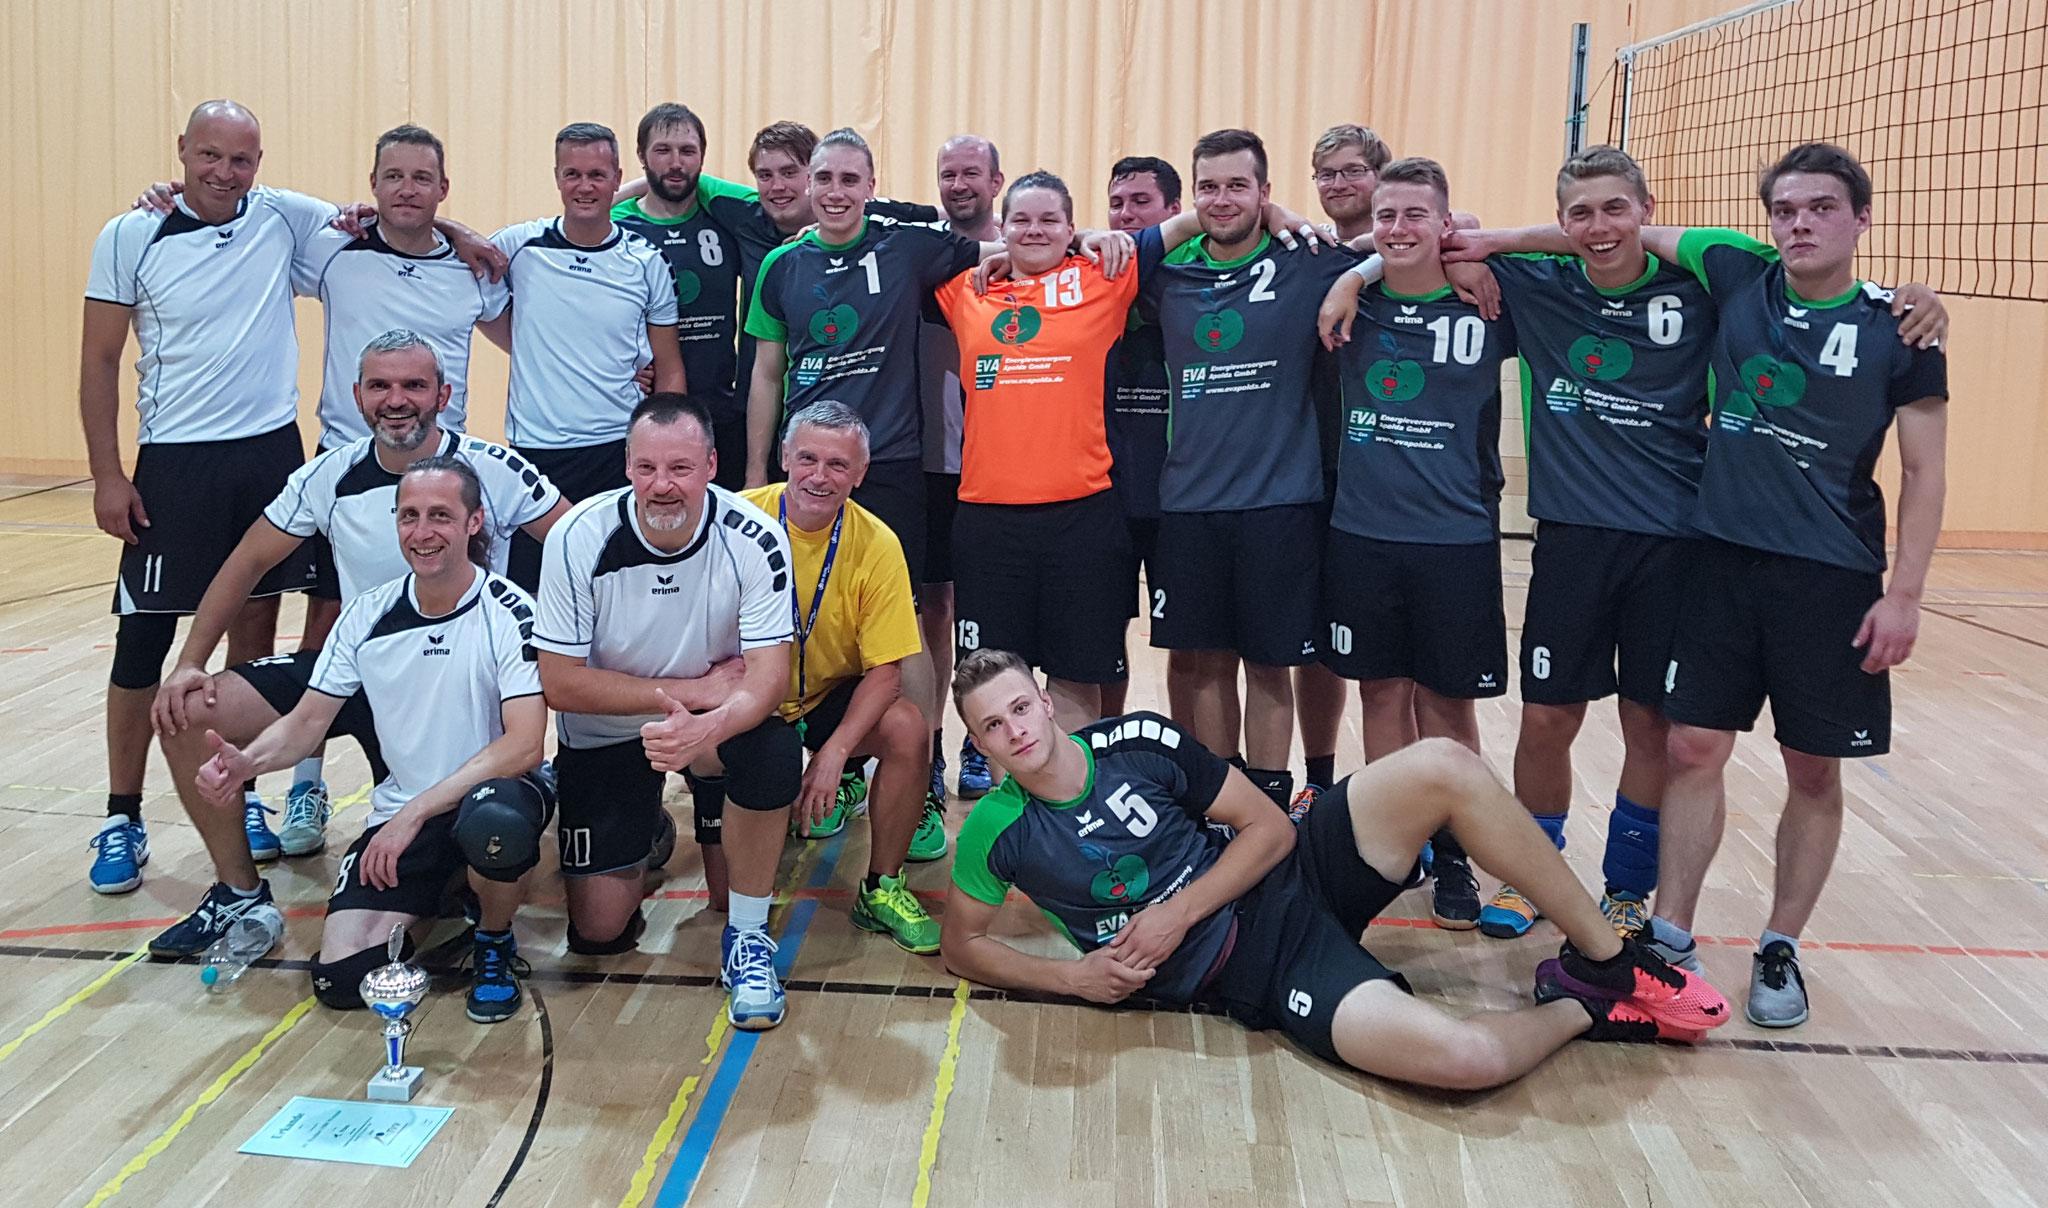 Wacker mit 1.VC Schloß Apolda u20 und Uwe Sierig